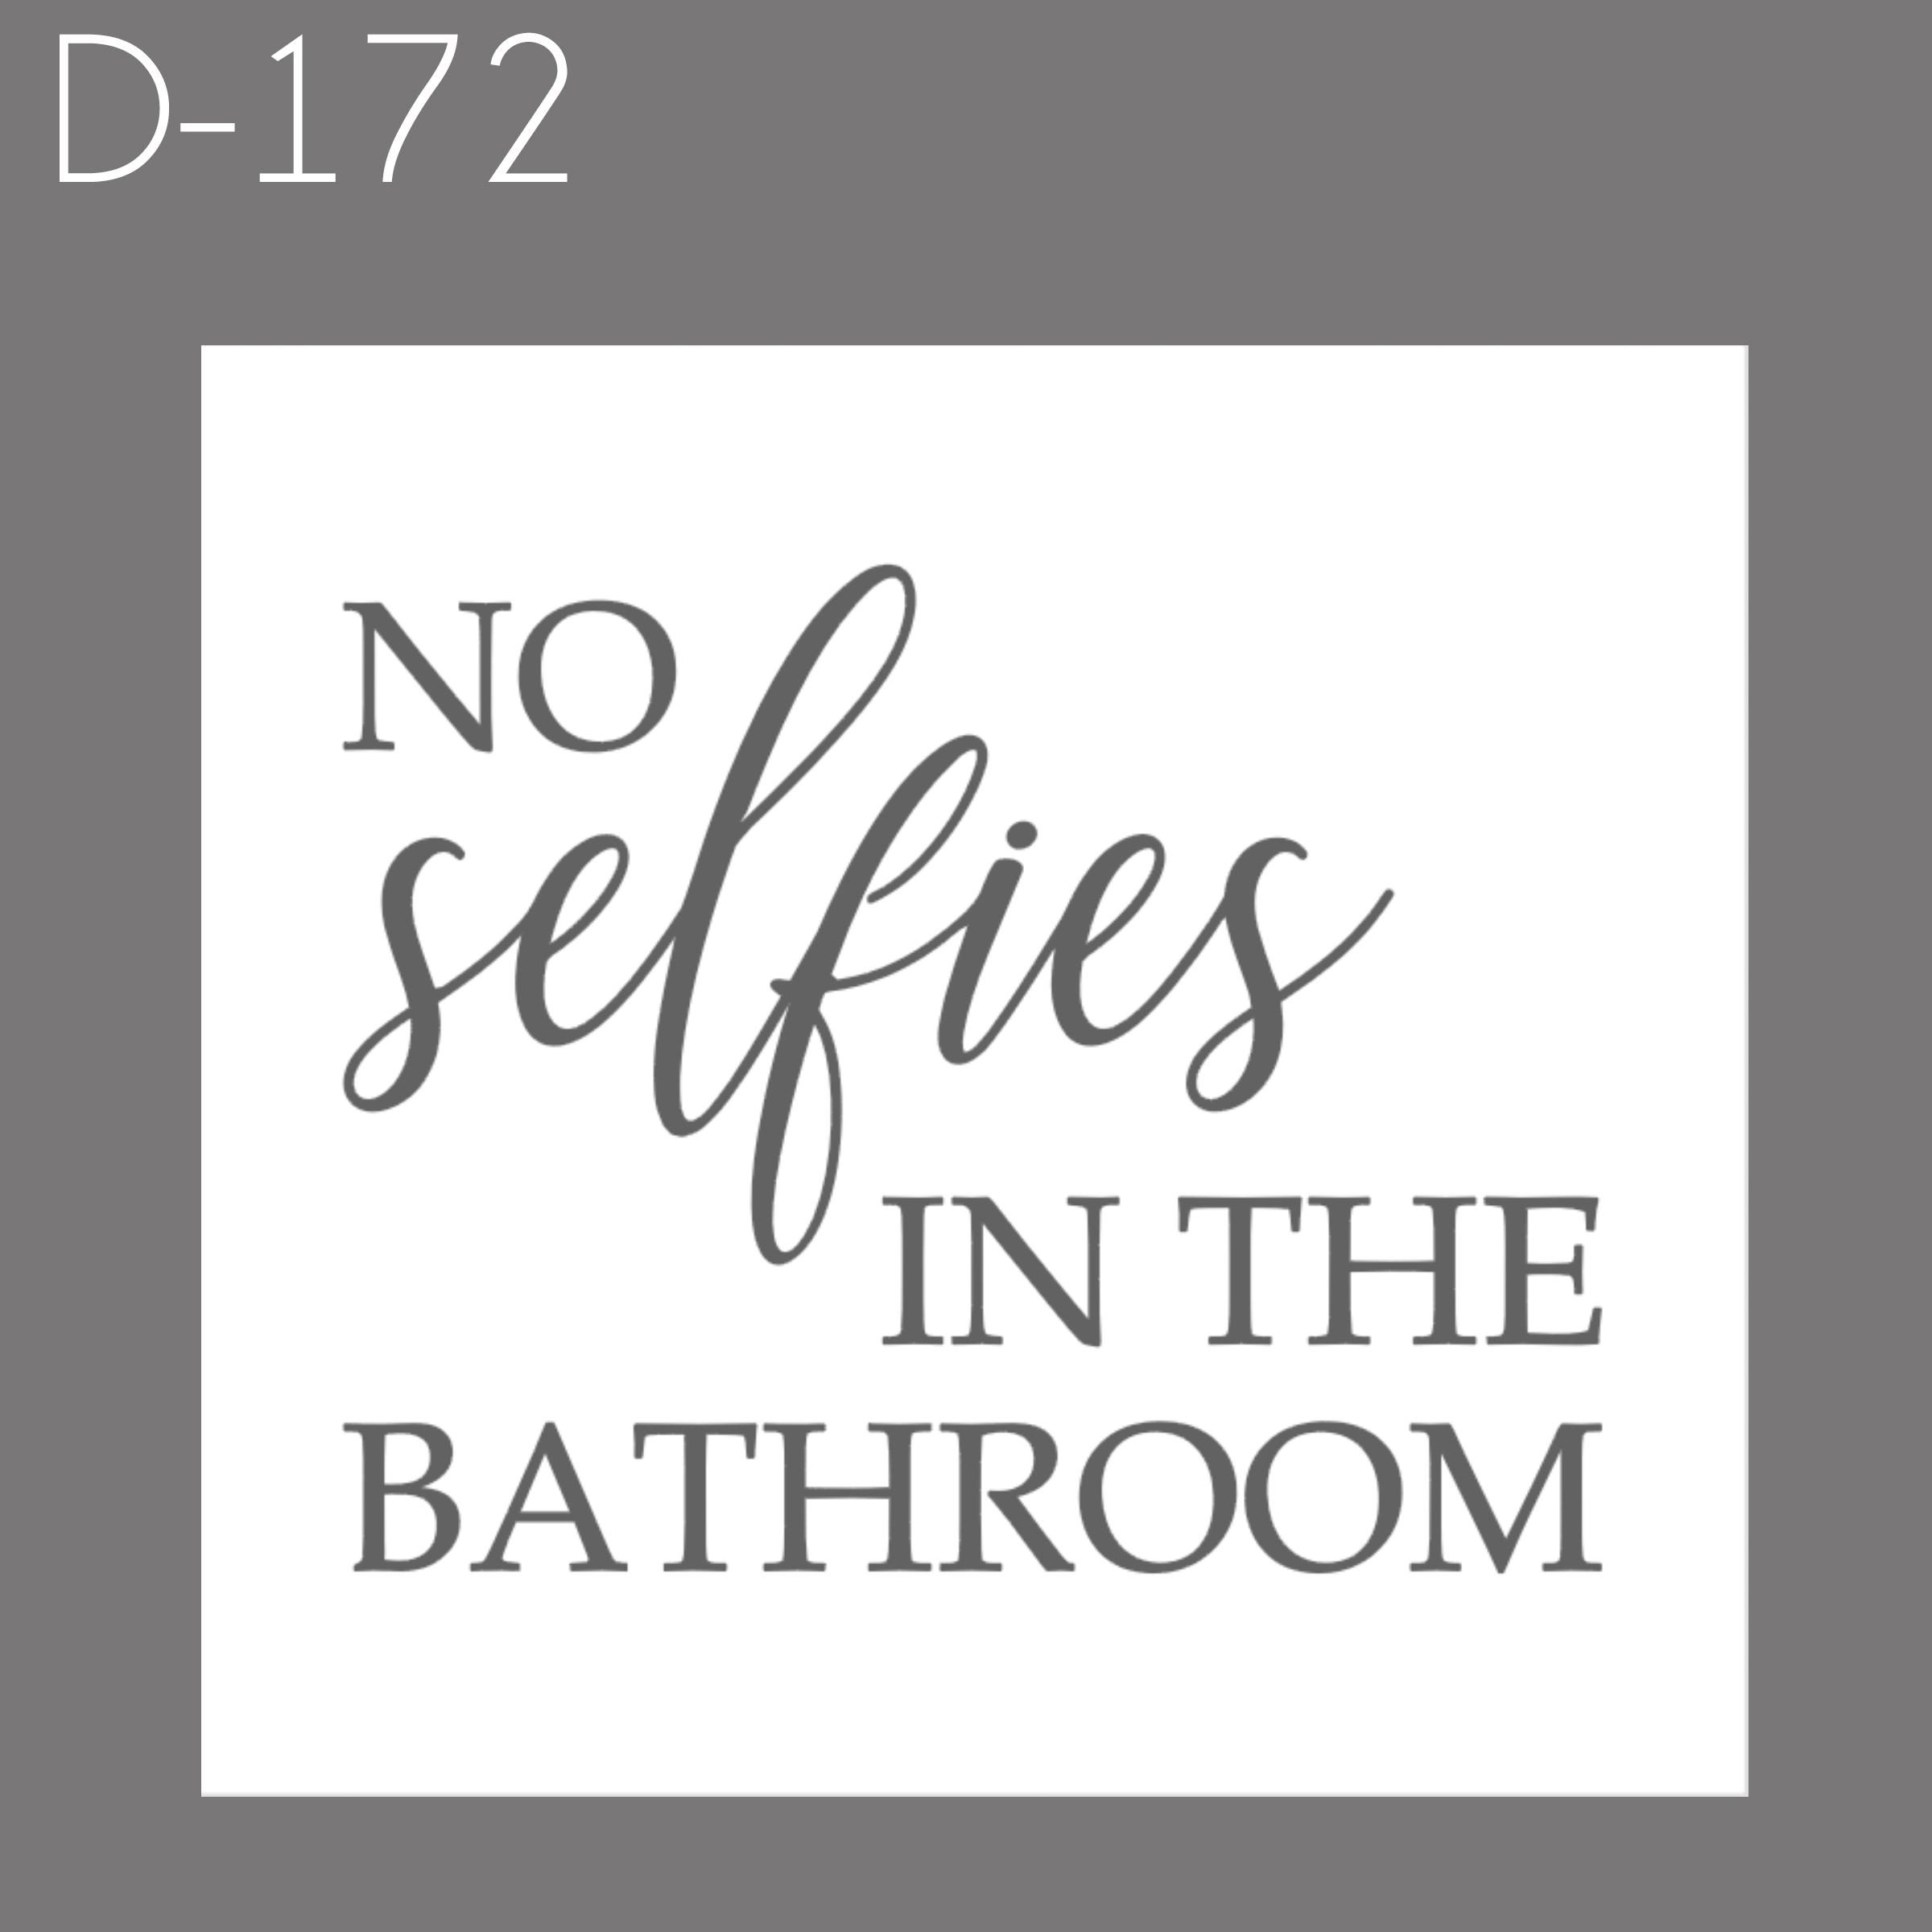 D172 - No Selfies.jpg